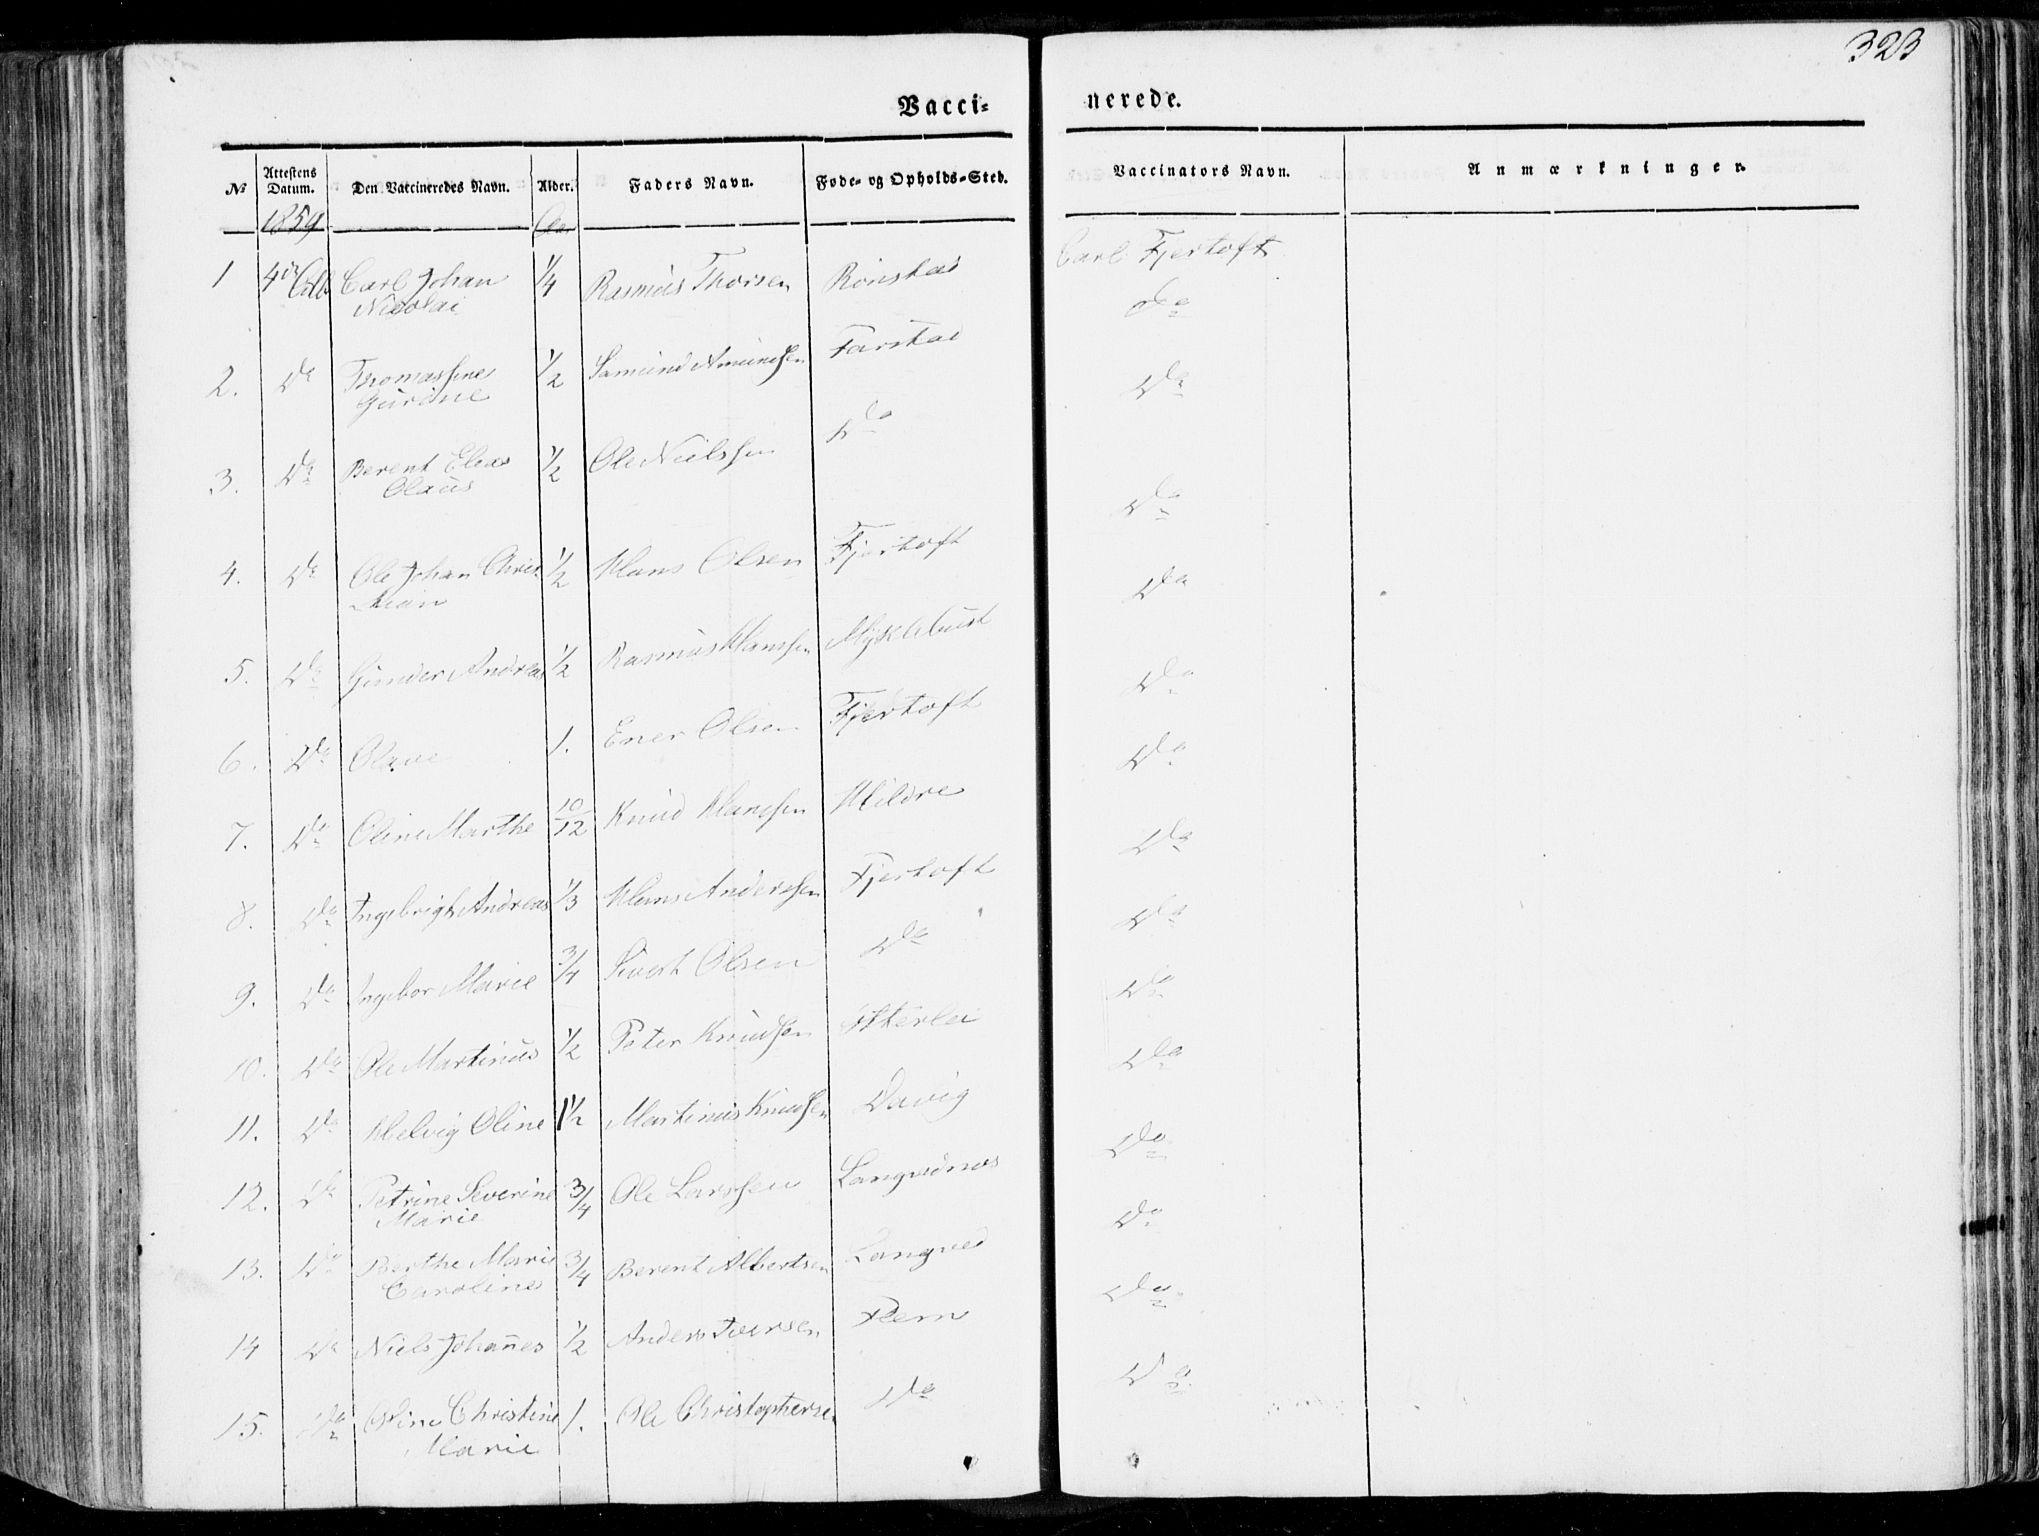 SAT, Ministerialprotokoller, klokkerbøker og fødselsregistre - Møre og Romsdal, 536/L0497: Ministerialbok nr. 536A06, 1845-1865, s. 323